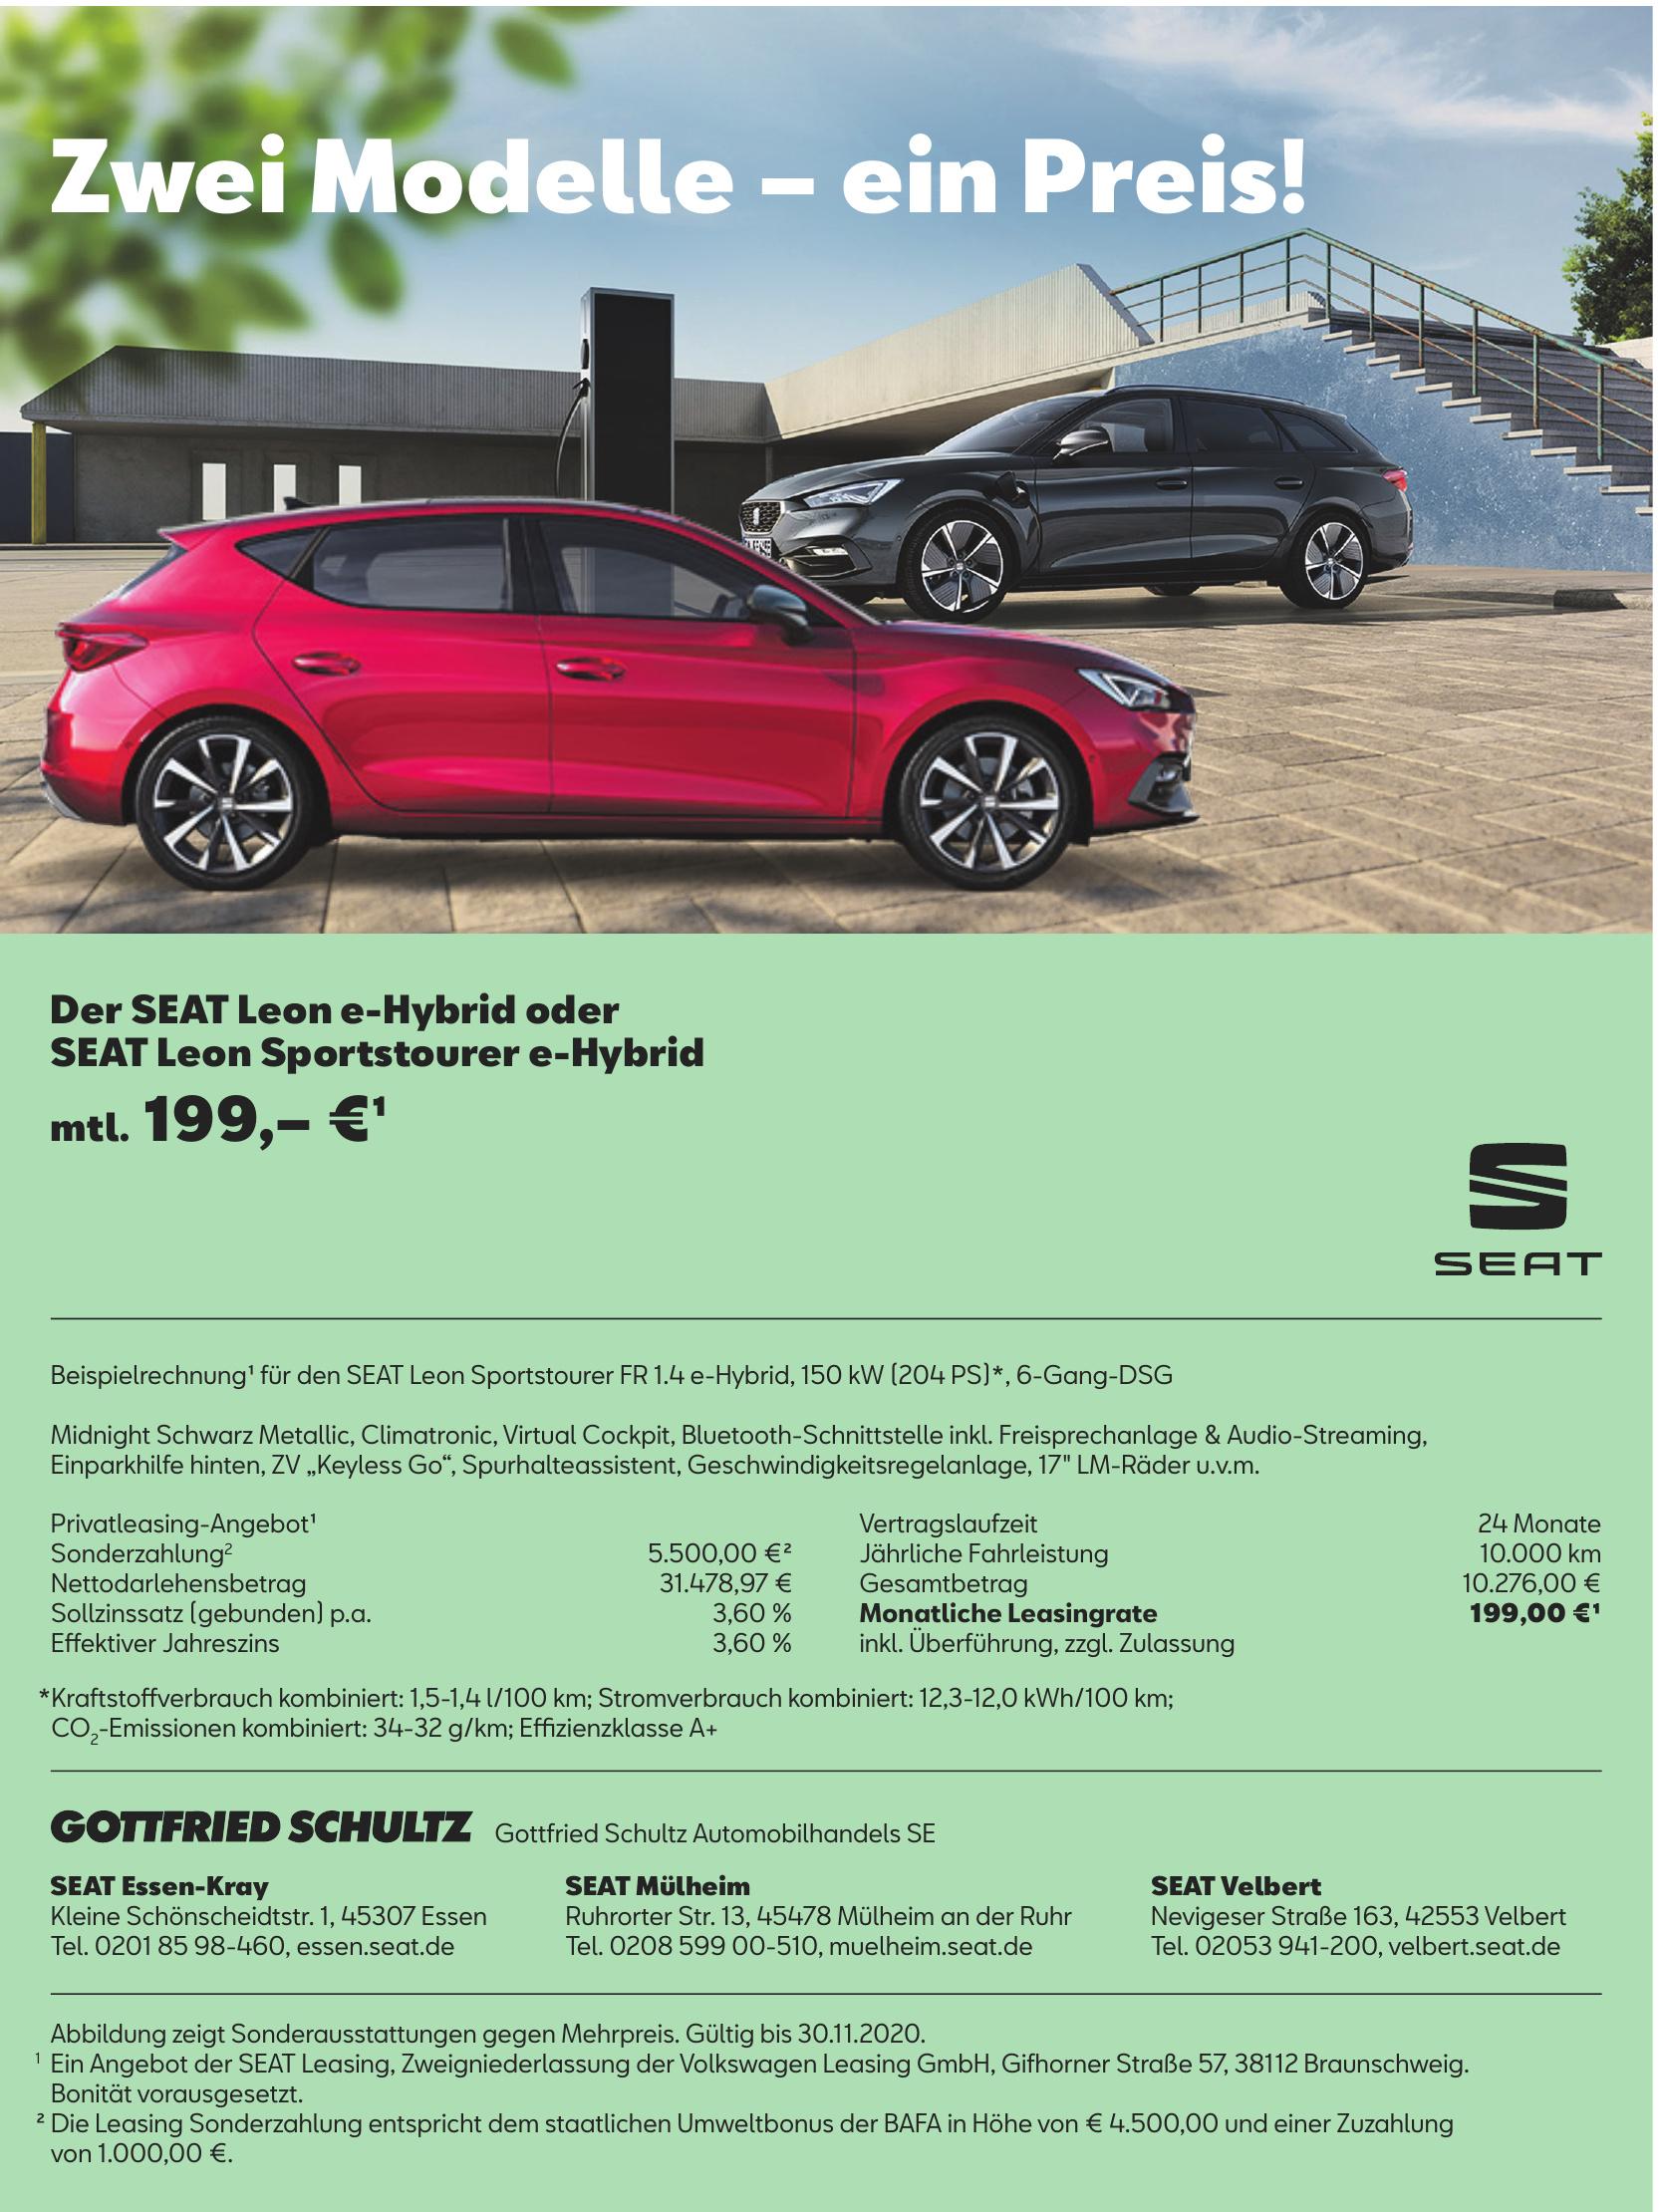 Gottfried Schultz Automobilhandels SE - SEAT Essen-Kray